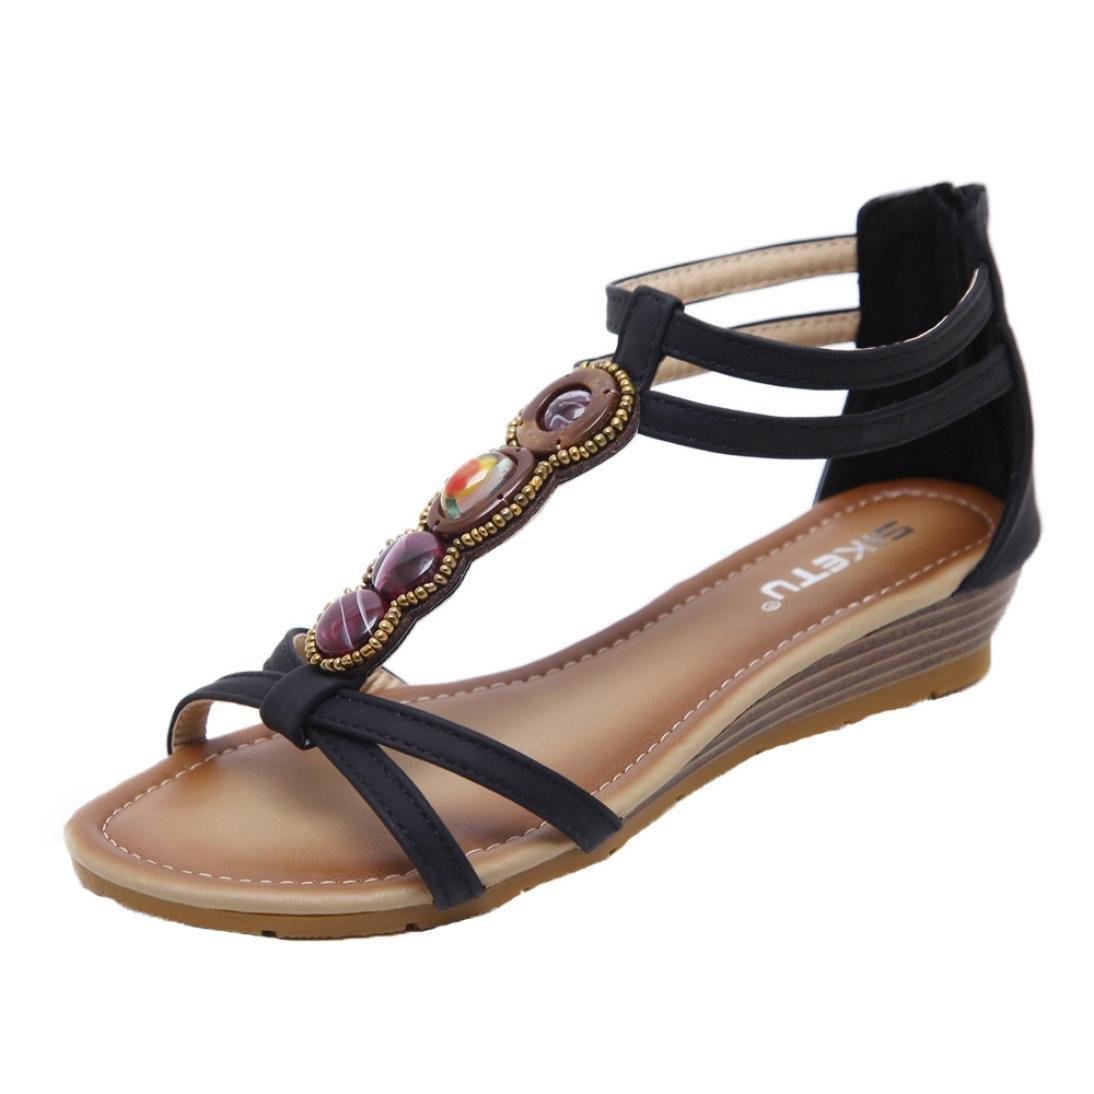 Été Chaussures Sandales Femme Luckycat Plage Day D Prime Amazon xqX7fHYTw